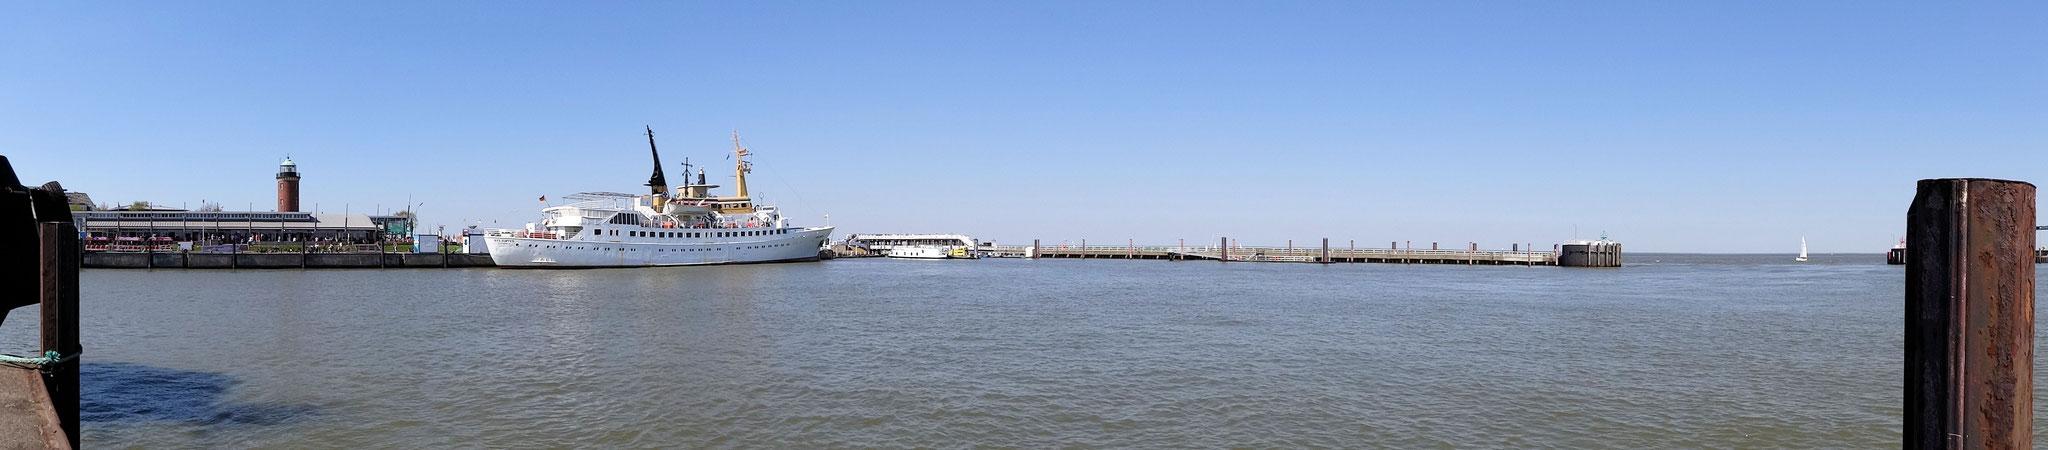 Alte Liebe in Cuxhaven mit der MS Atlantis am Anleger